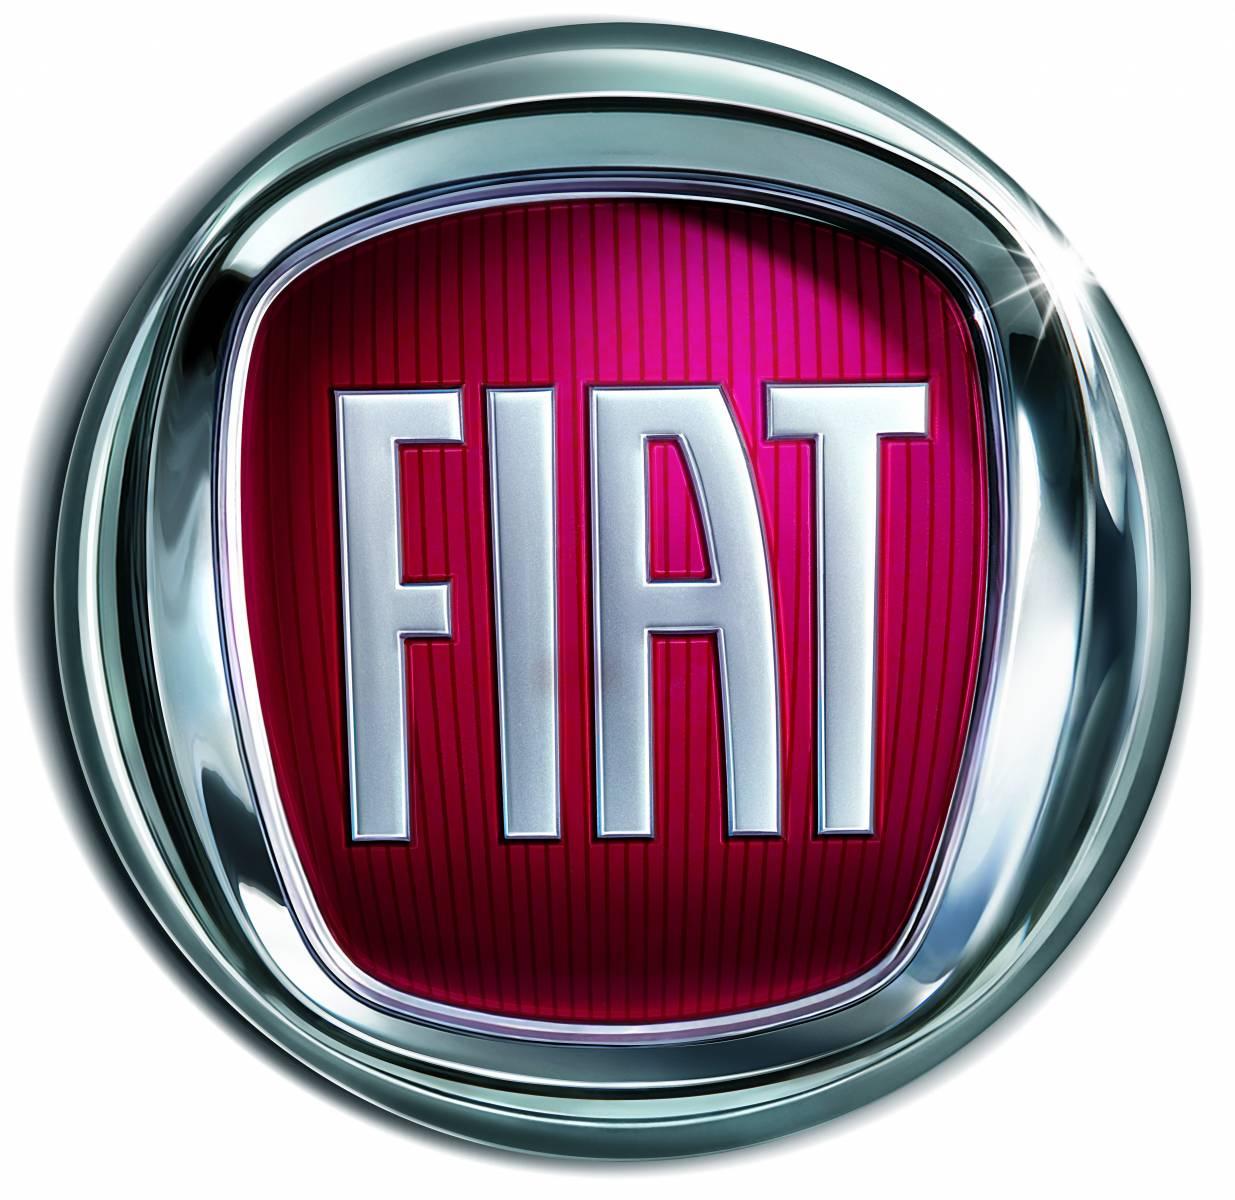 Tragwein Fiat